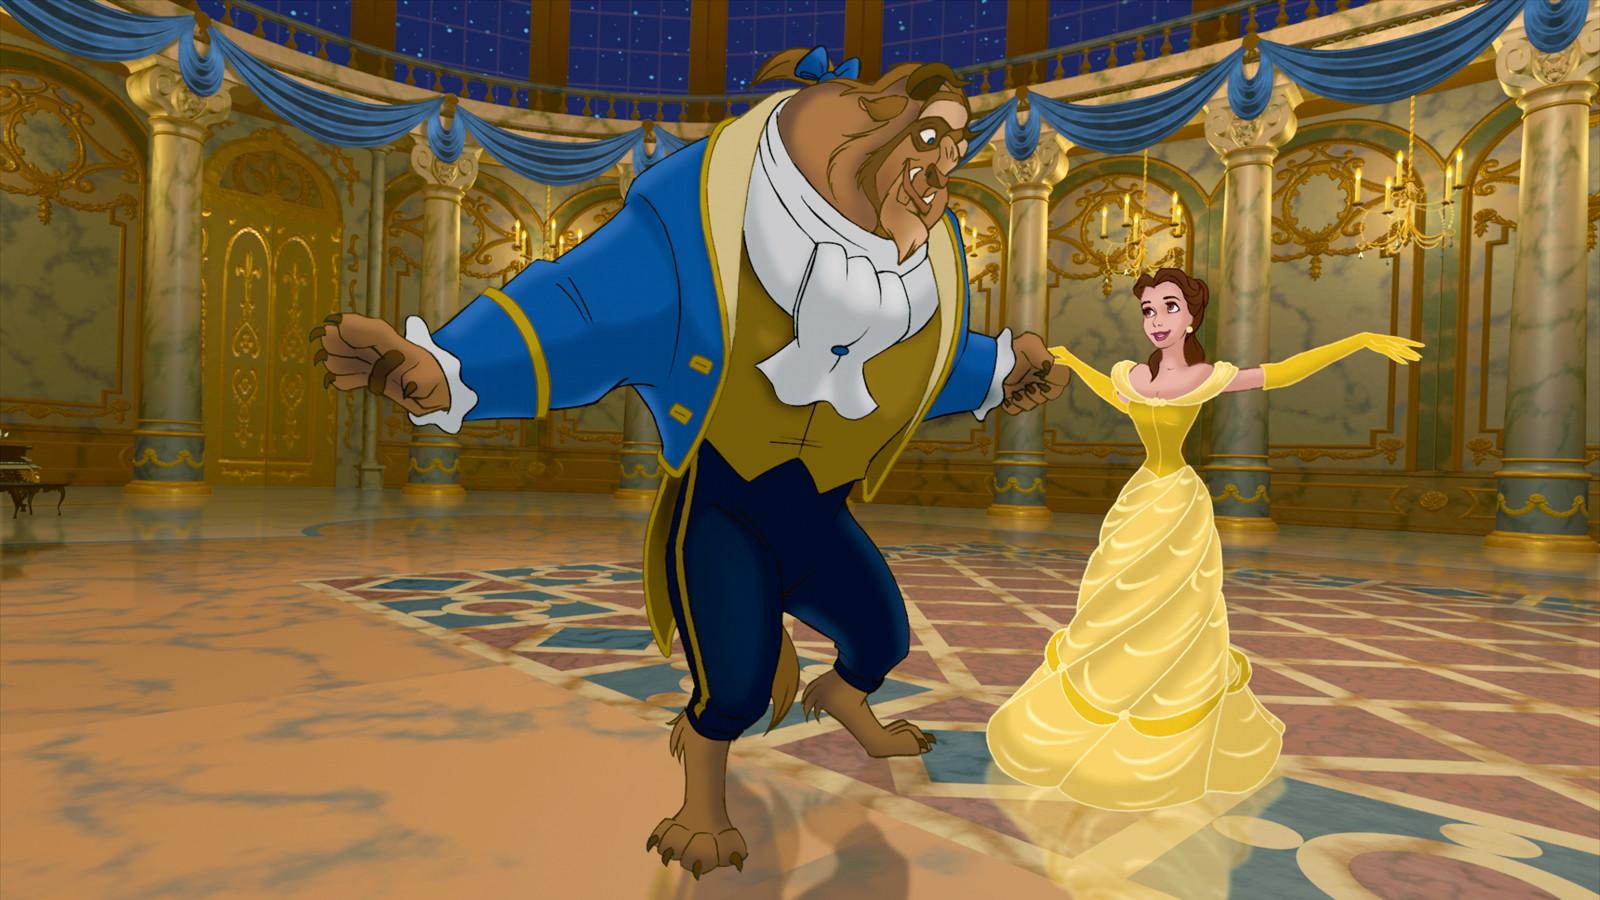 Disney princess movies list